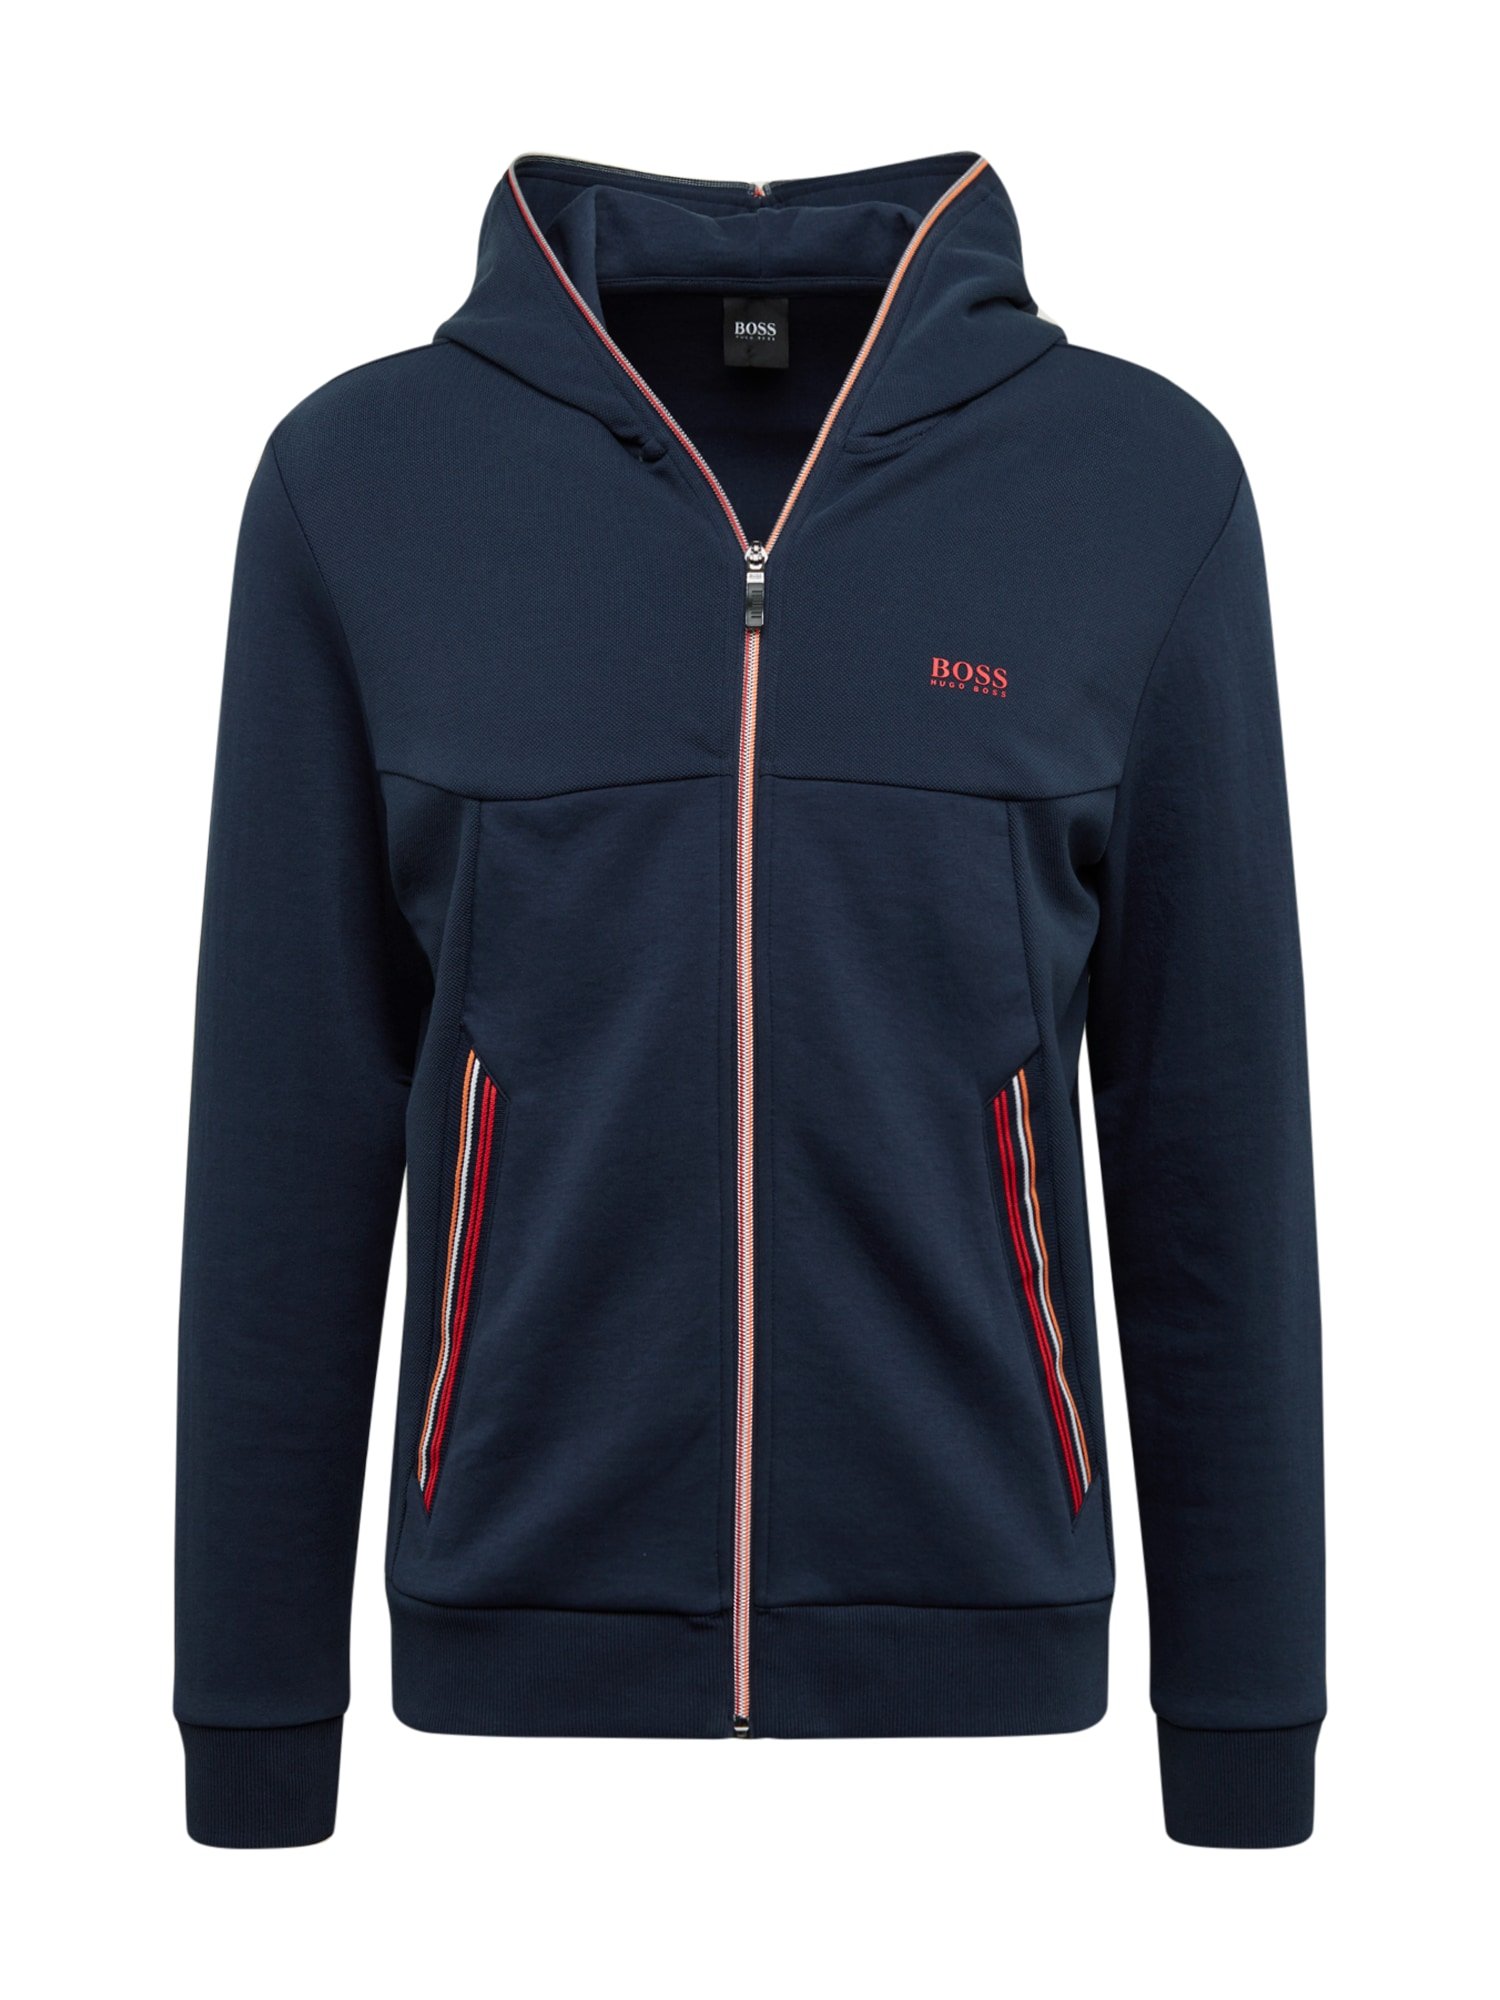 BOSS ATHLEISURE Sportinis džemperis 'Saggy' tamsiai mėlyna